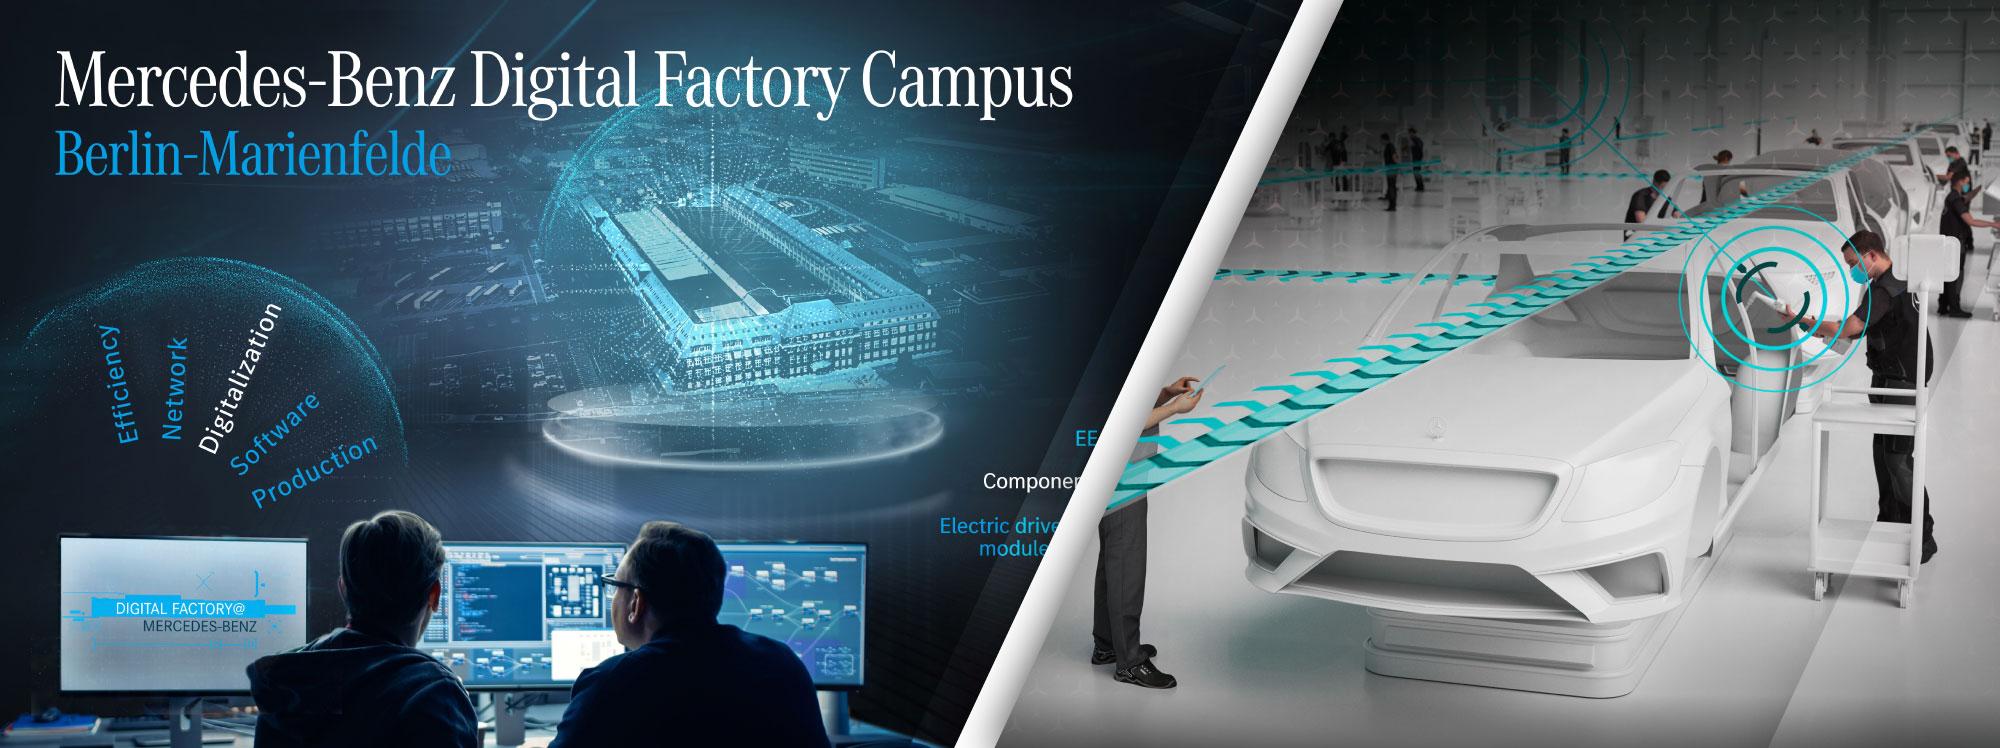 Mercedes-Benz planea una fábrica inteligente para liderar el desarrollo de nuevas tecnologías